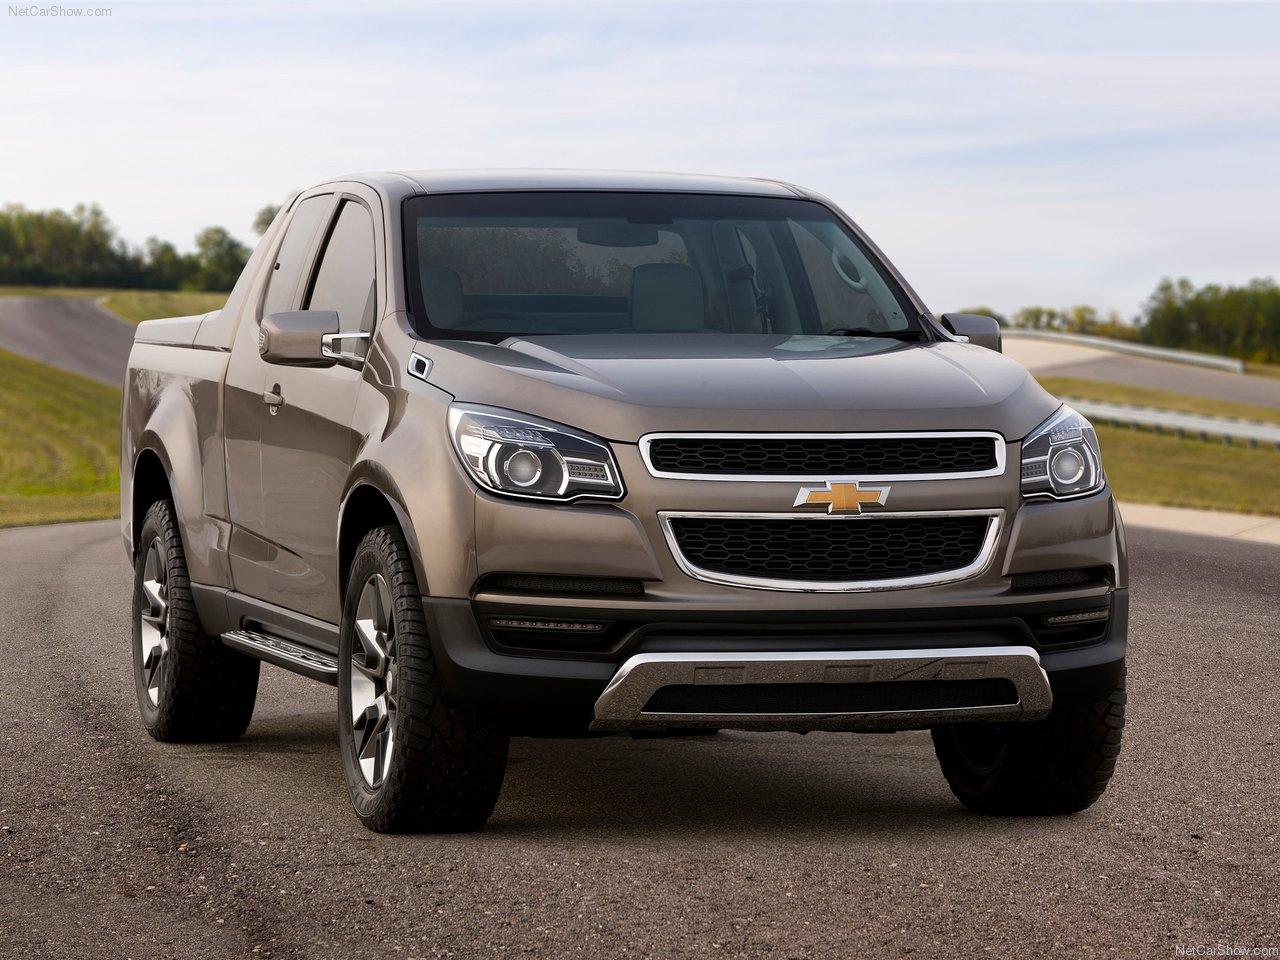 Chevrolet Cheyenne 2012 foto - 4